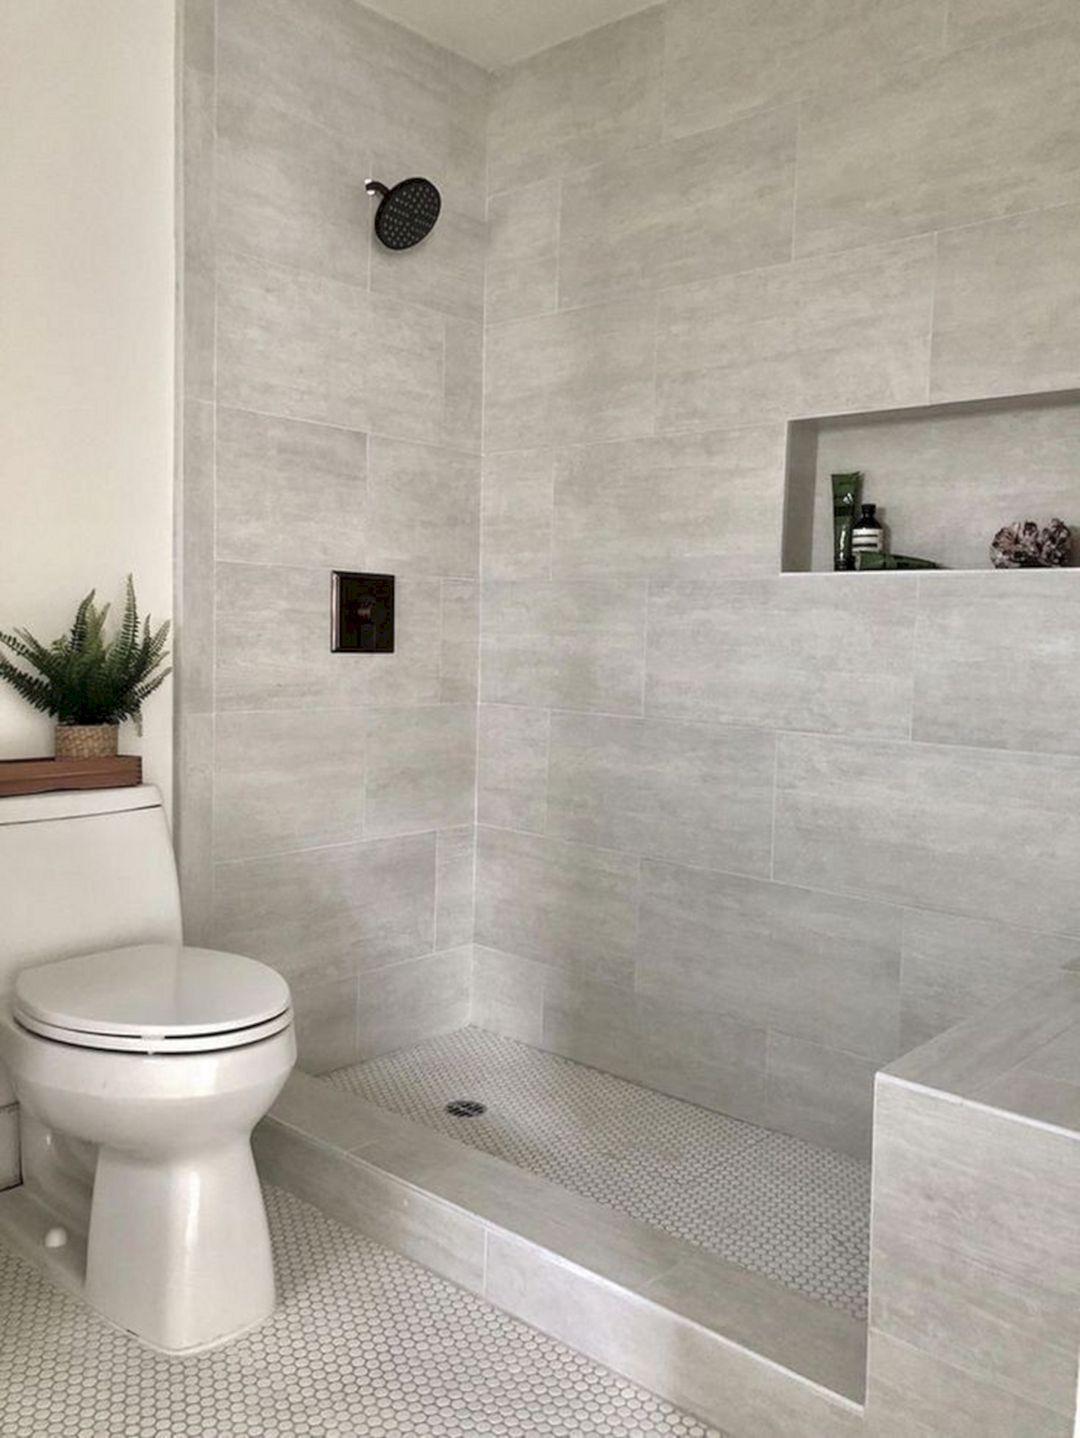 banco y separación ducha #bathroomtiledesigns